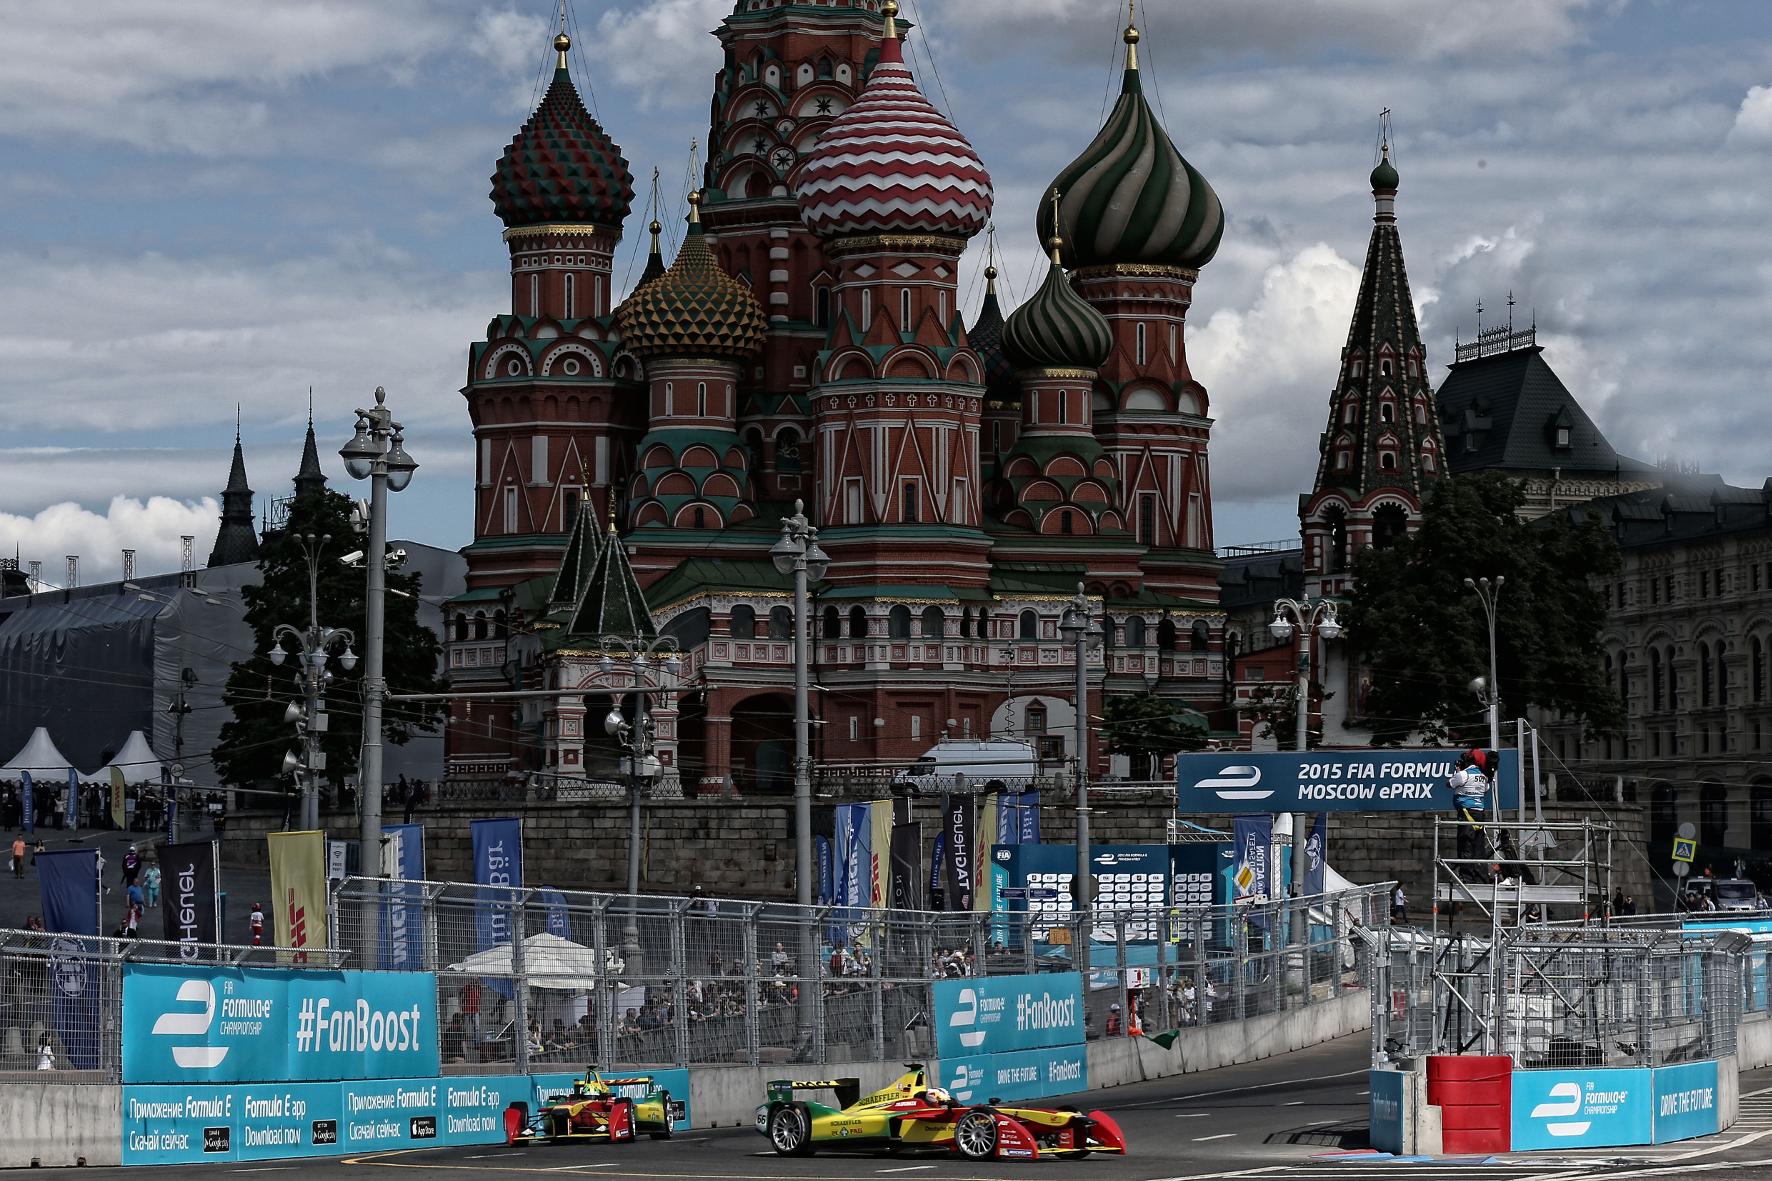 mid Groß-Gerau - Eine Rennserie für die Metropolen der Welt: Sogar auf dem Roten Platz in Moskau hat die Formel E bereits ihre Runden gedreht.